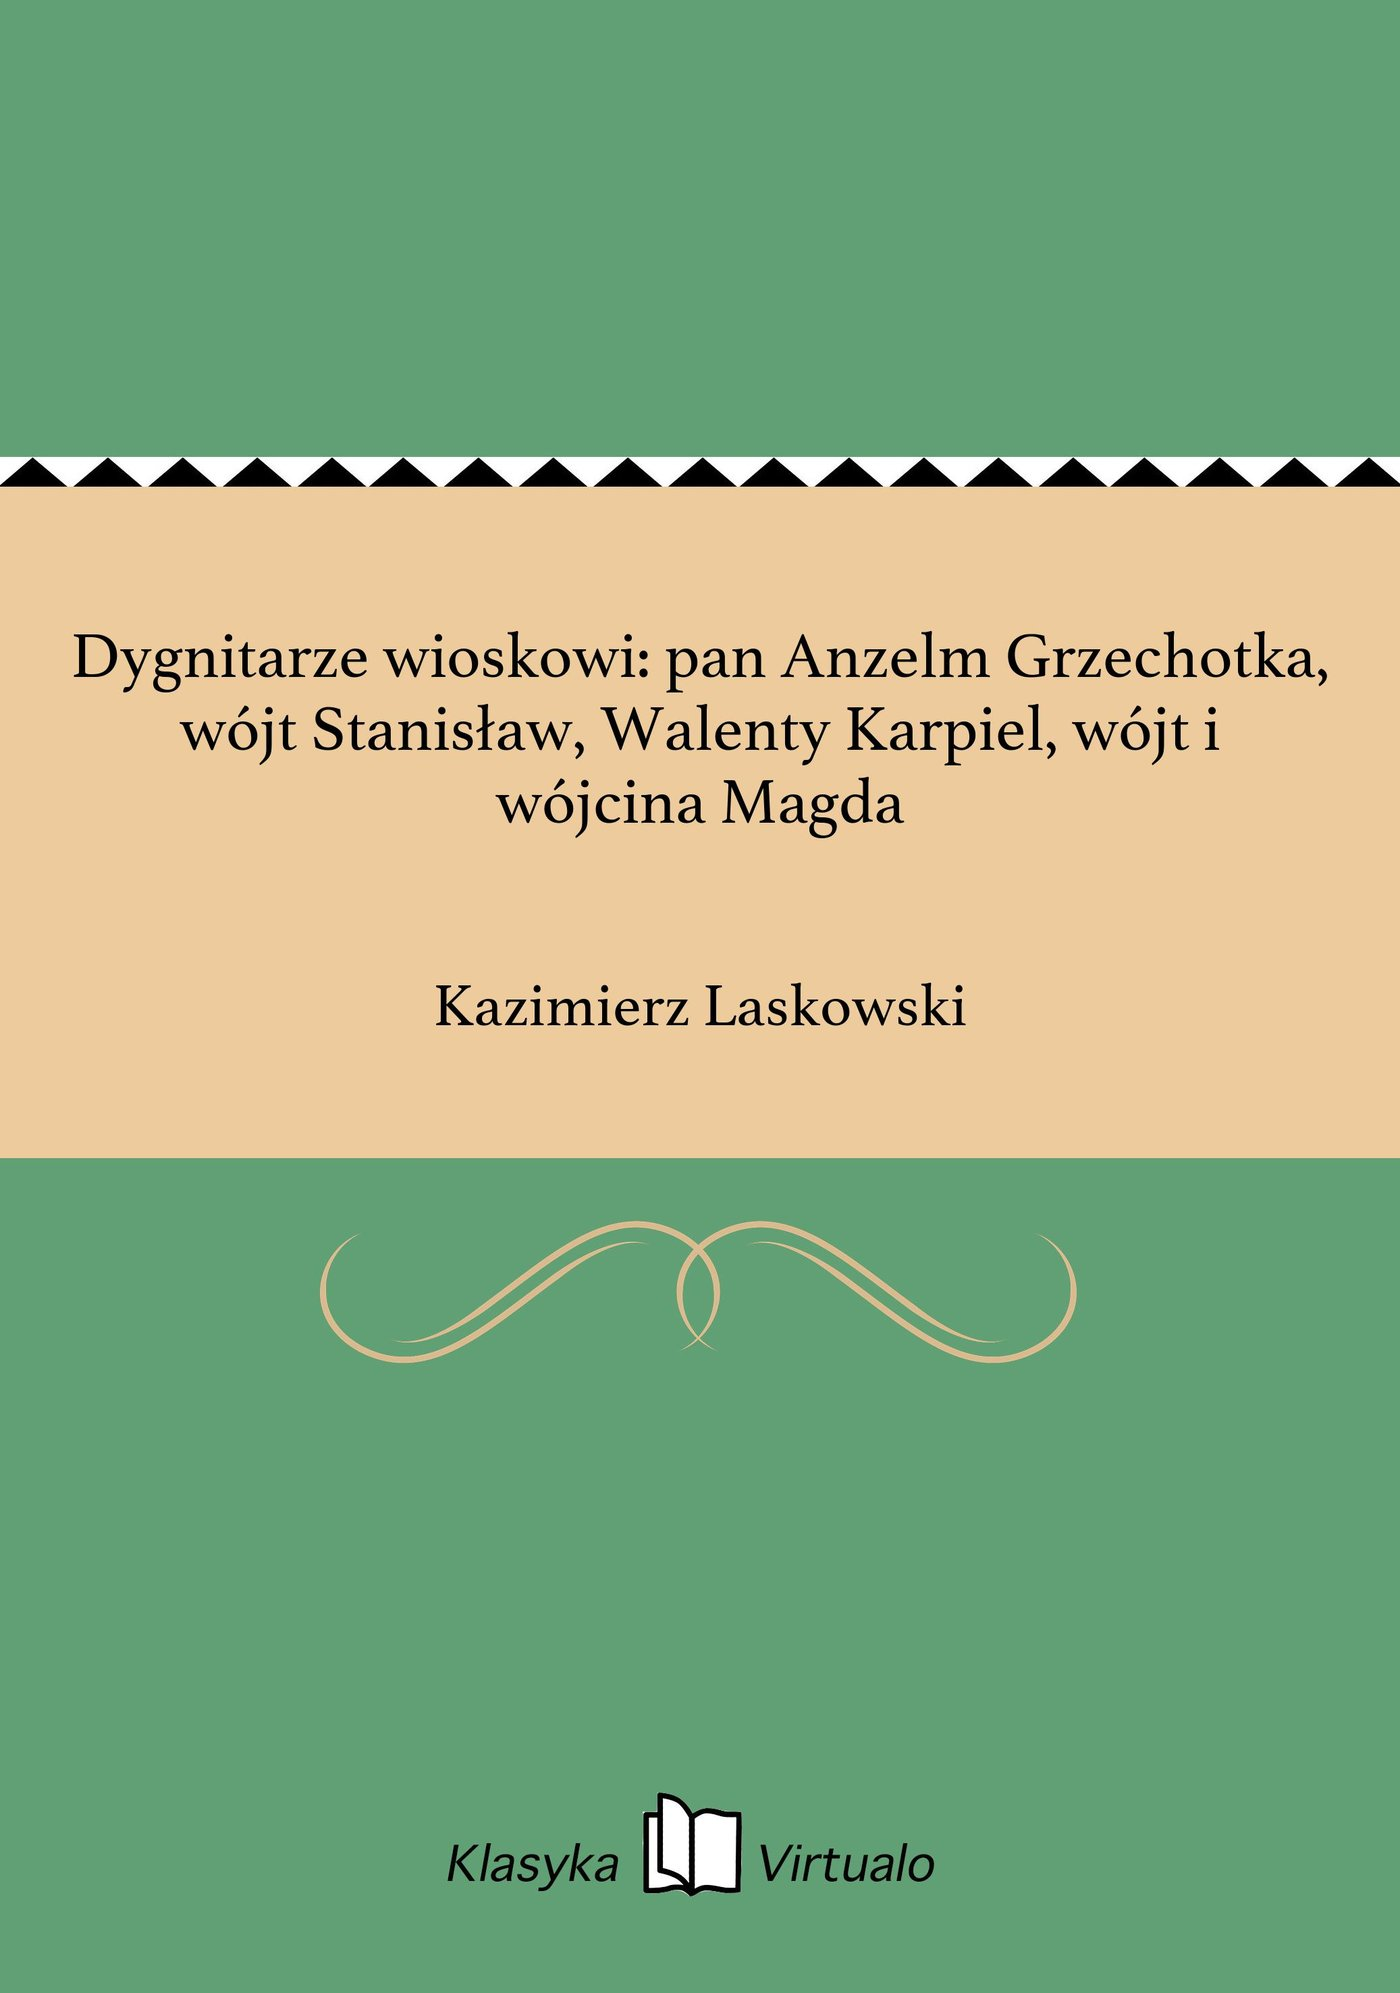 Dygnitarze wioskowi: pan Anzelm Grzechotka, wójt Stanisław, Walenty Karpiel, wójt i wójcina Magda - Ebook (Książka na Kindle) do pobrania w formacie MOBI